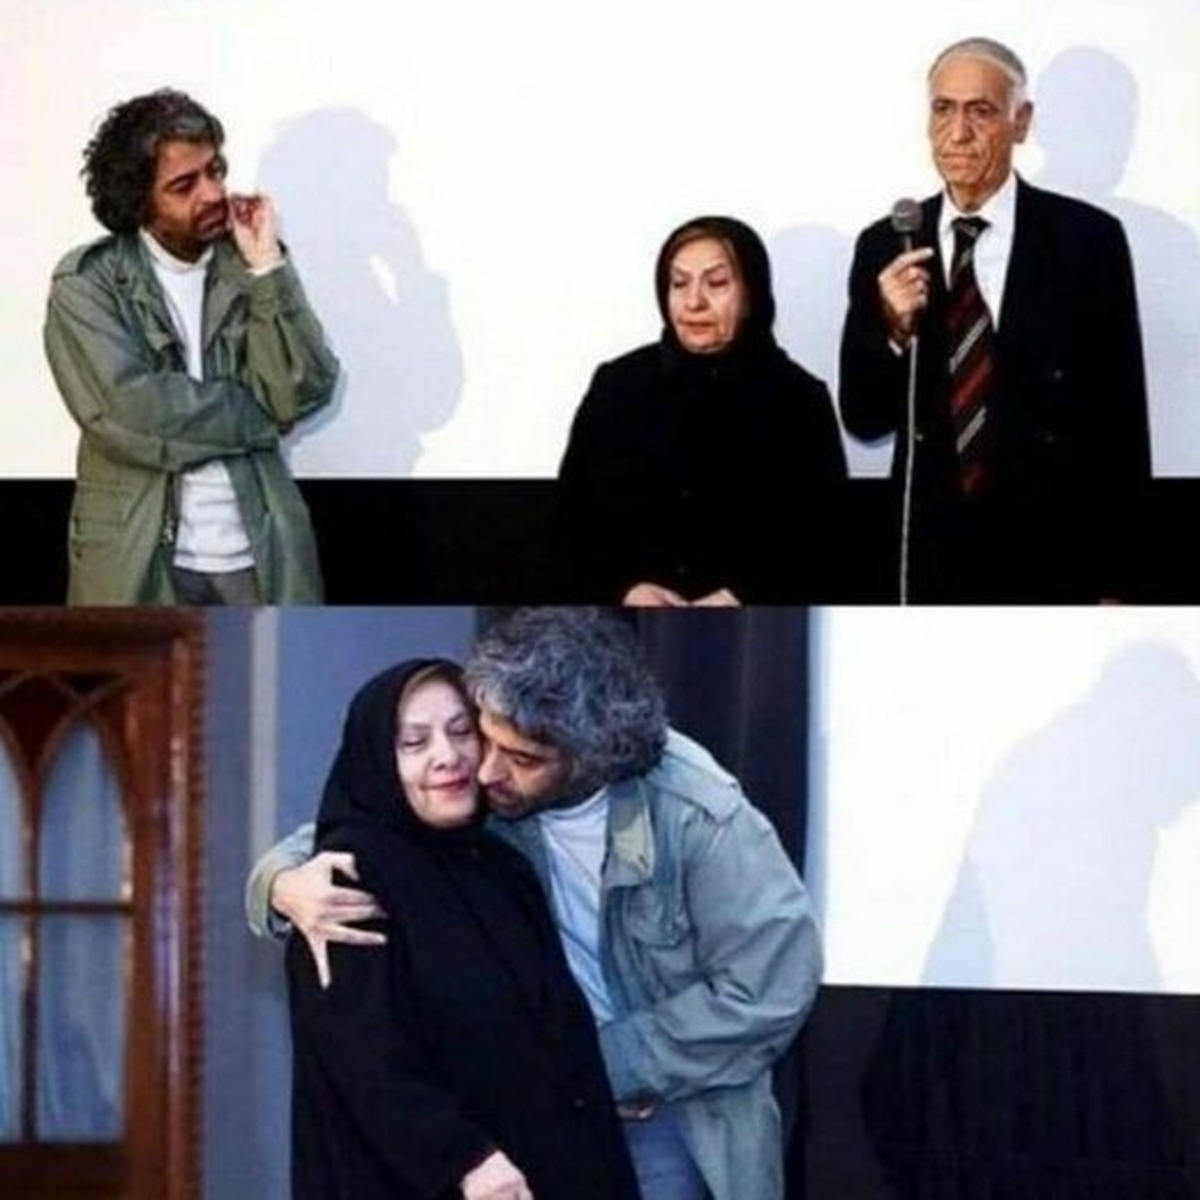 قتل در خانواده خرمدین، روایت یک قتل ایرانی!